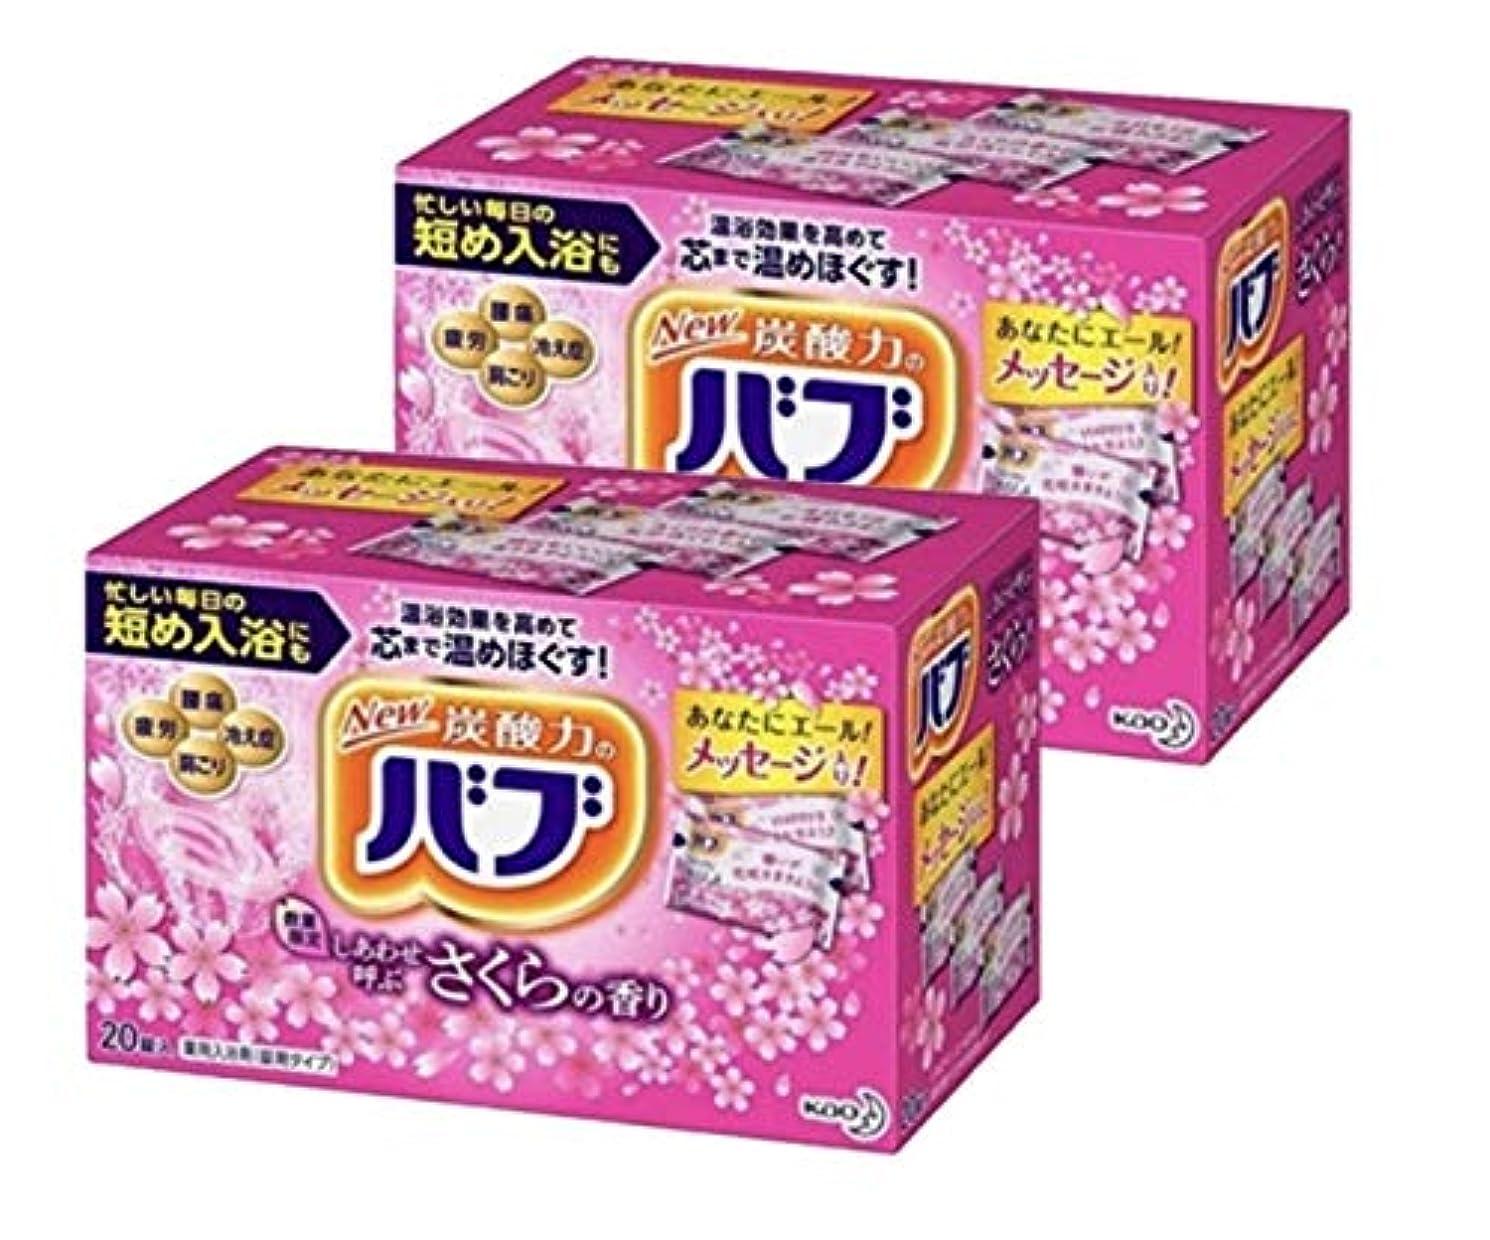 消化器静かに口実【まとめ買い】バブ 薬用入浴剤 しあわせ呼ぶ さくらの香り 20錠入り×2